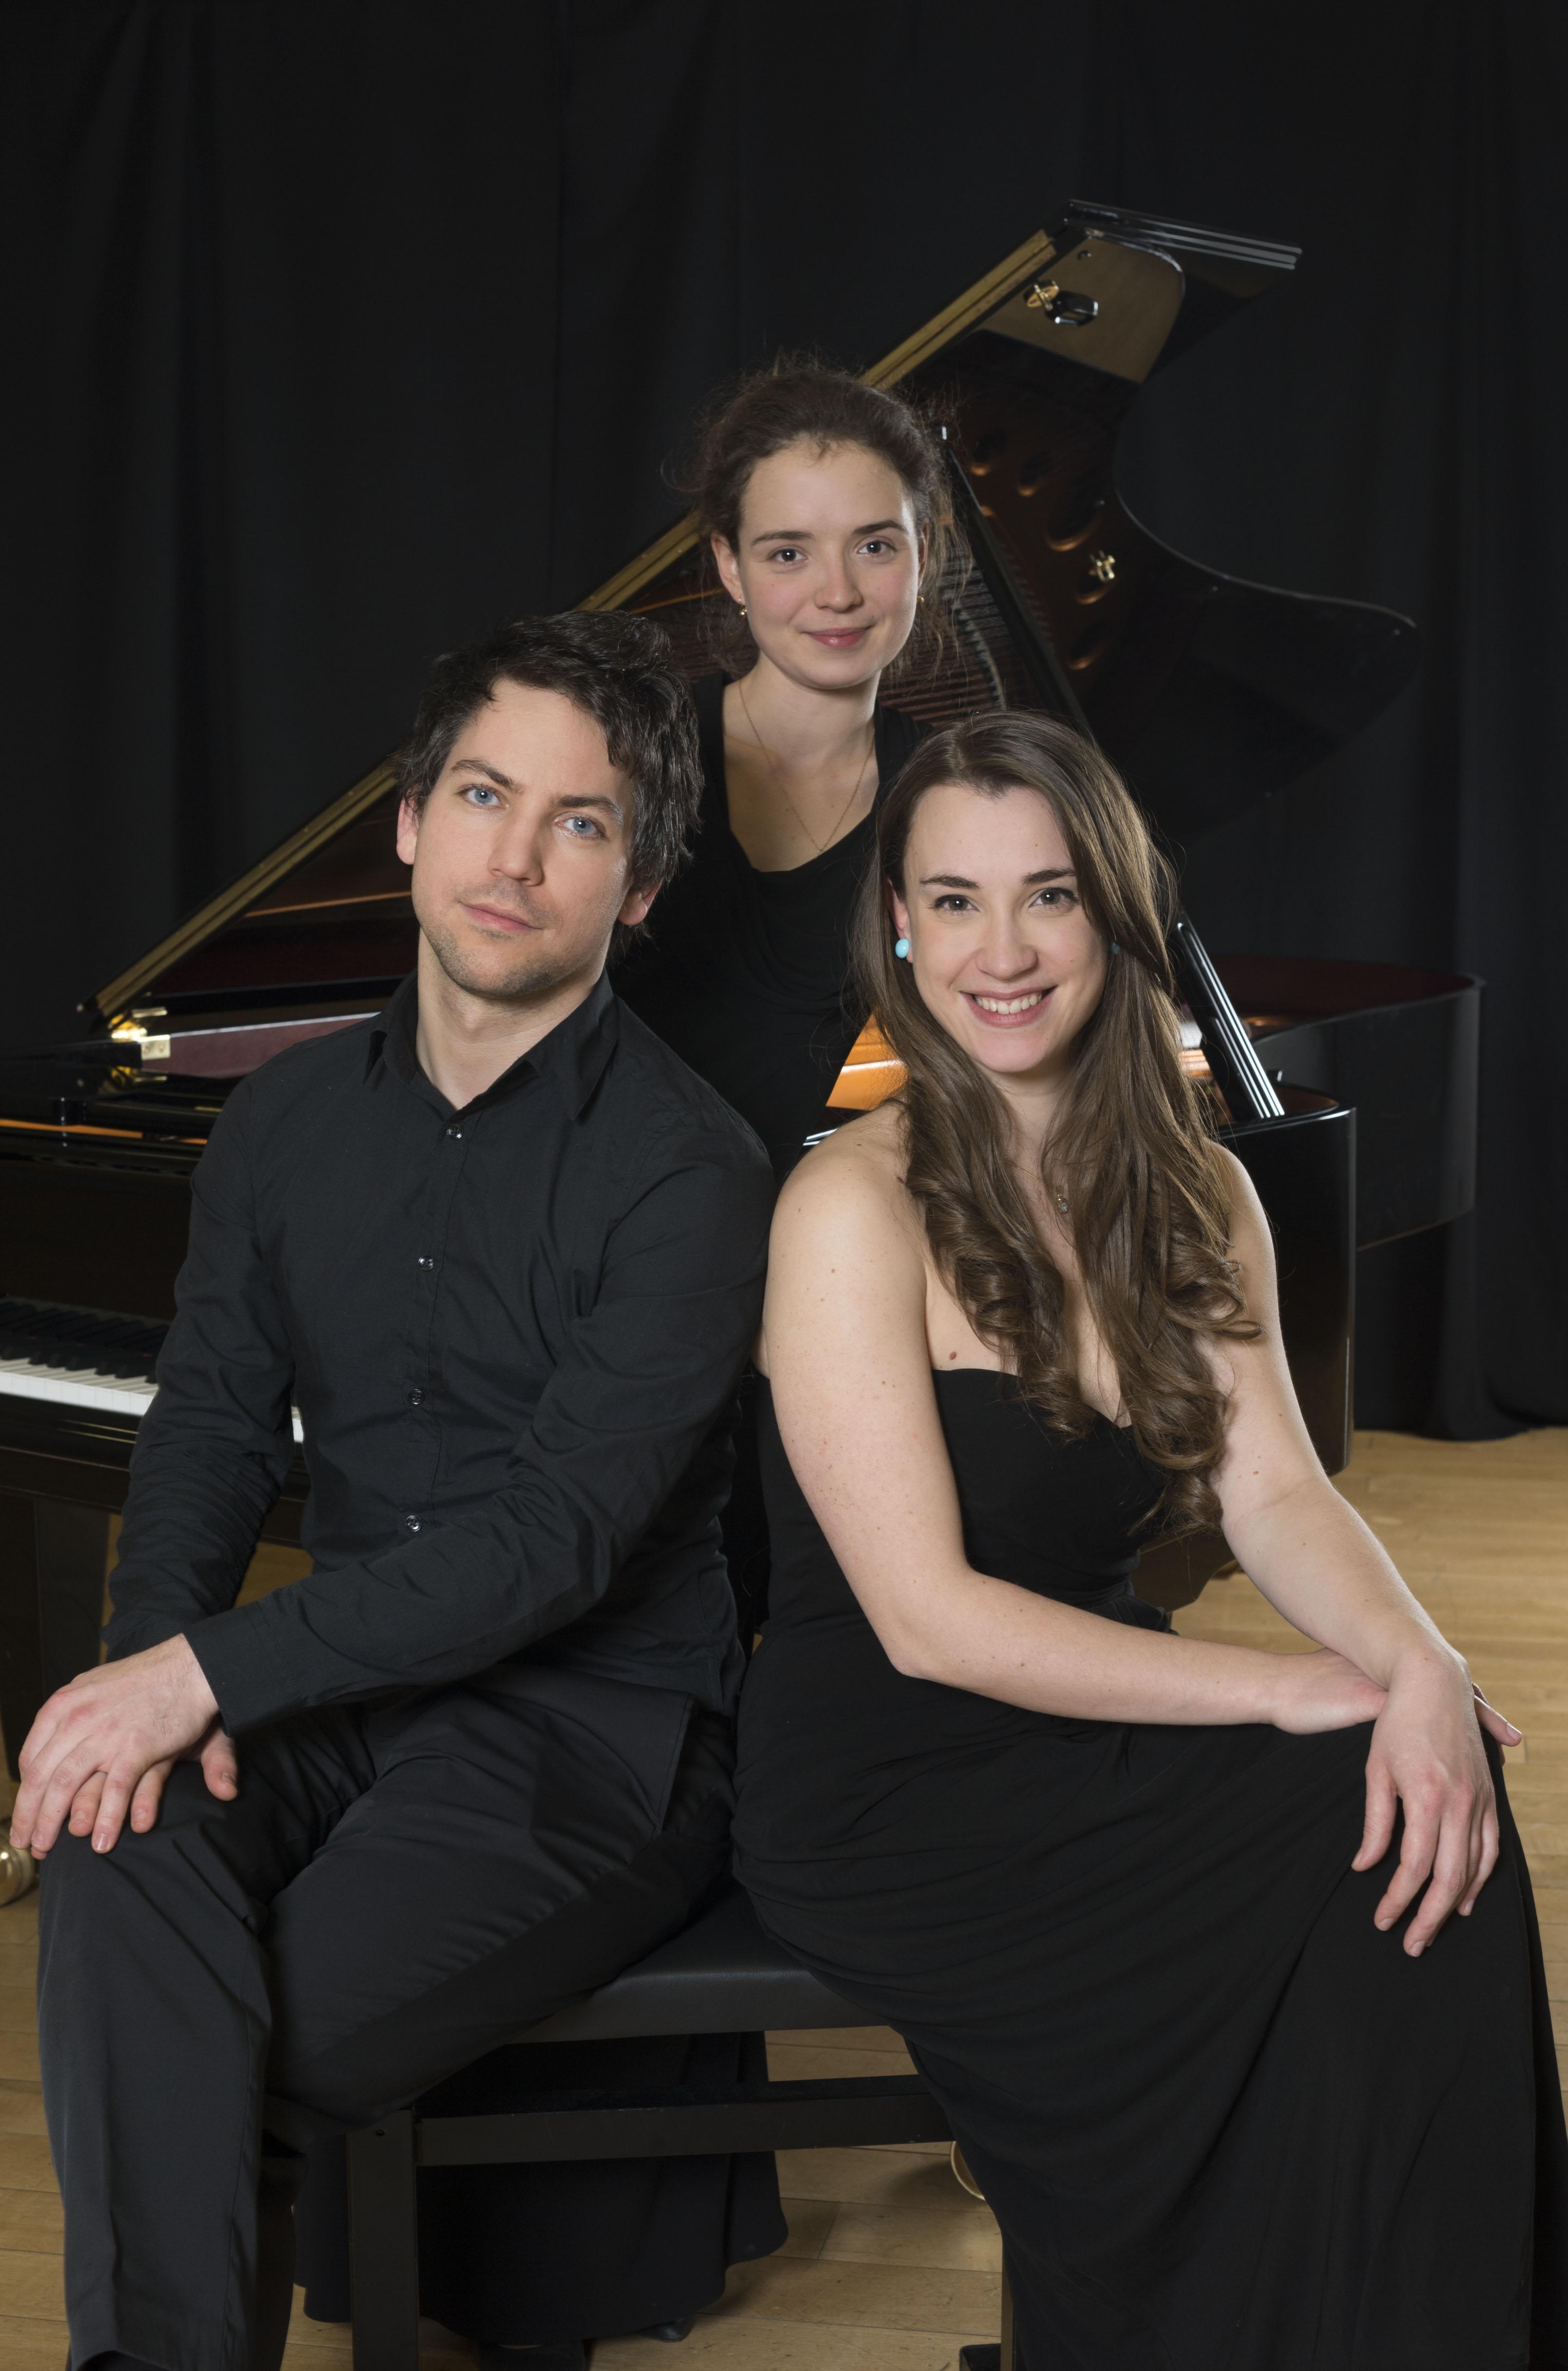 Preisträger Rahn Musikpreis 2016: Benedek Horváth und Chiara Opalio (1. Preis, sitzend), Alexandra Sikorskaya (3. Preis, stehend)